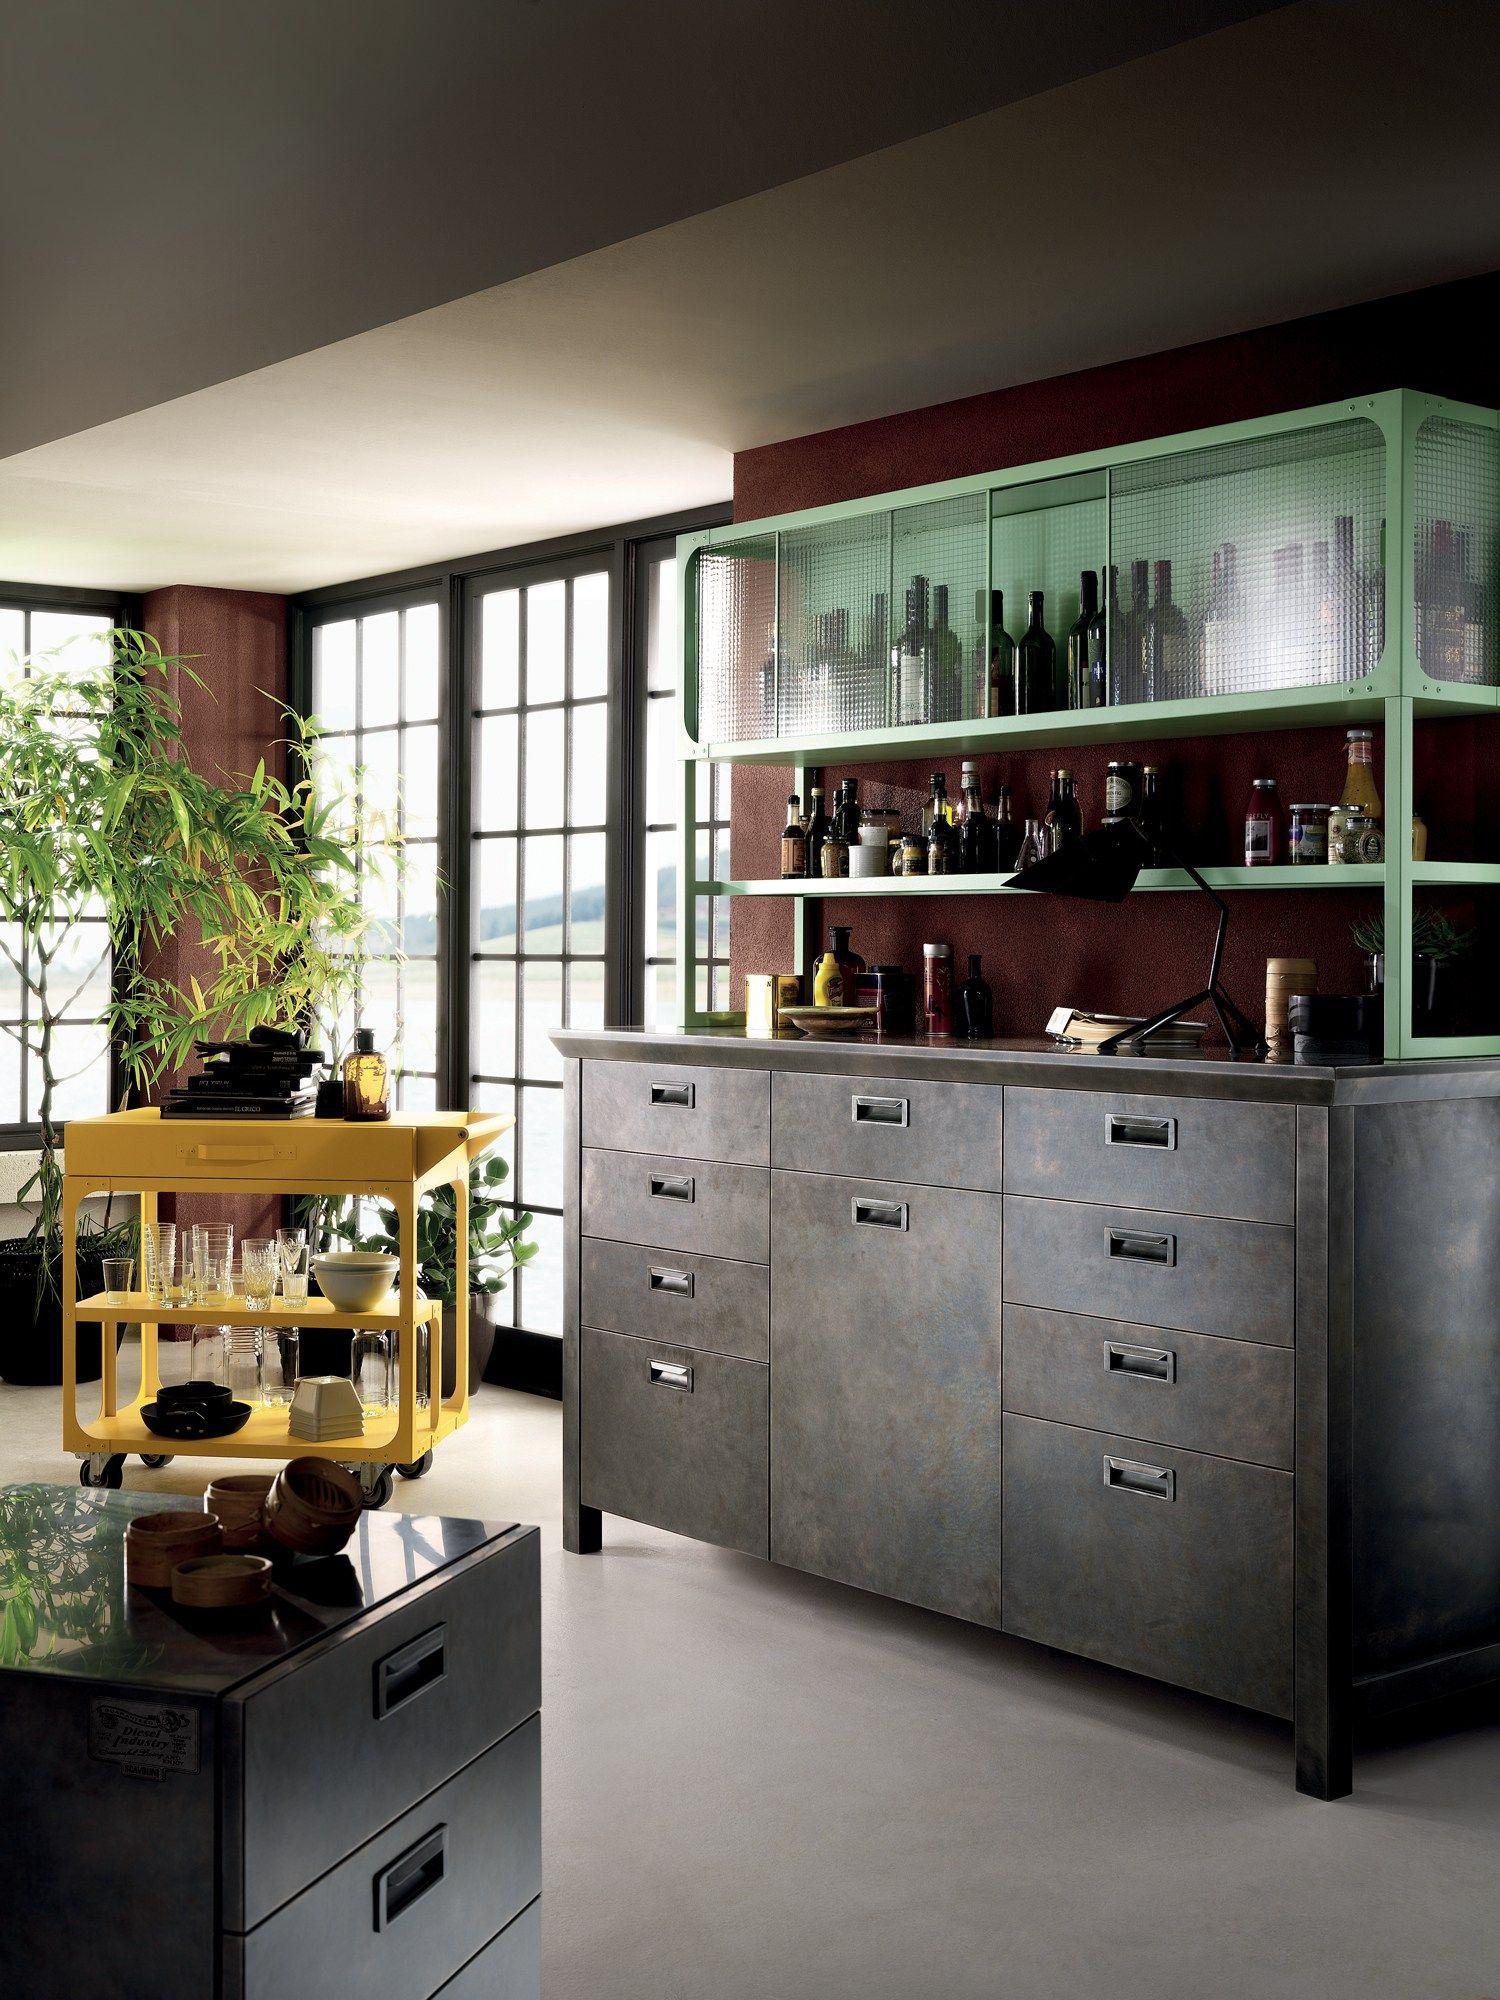 Cucina componibile diesel social kitchen linea scavolini for Cucina scavolini diesel